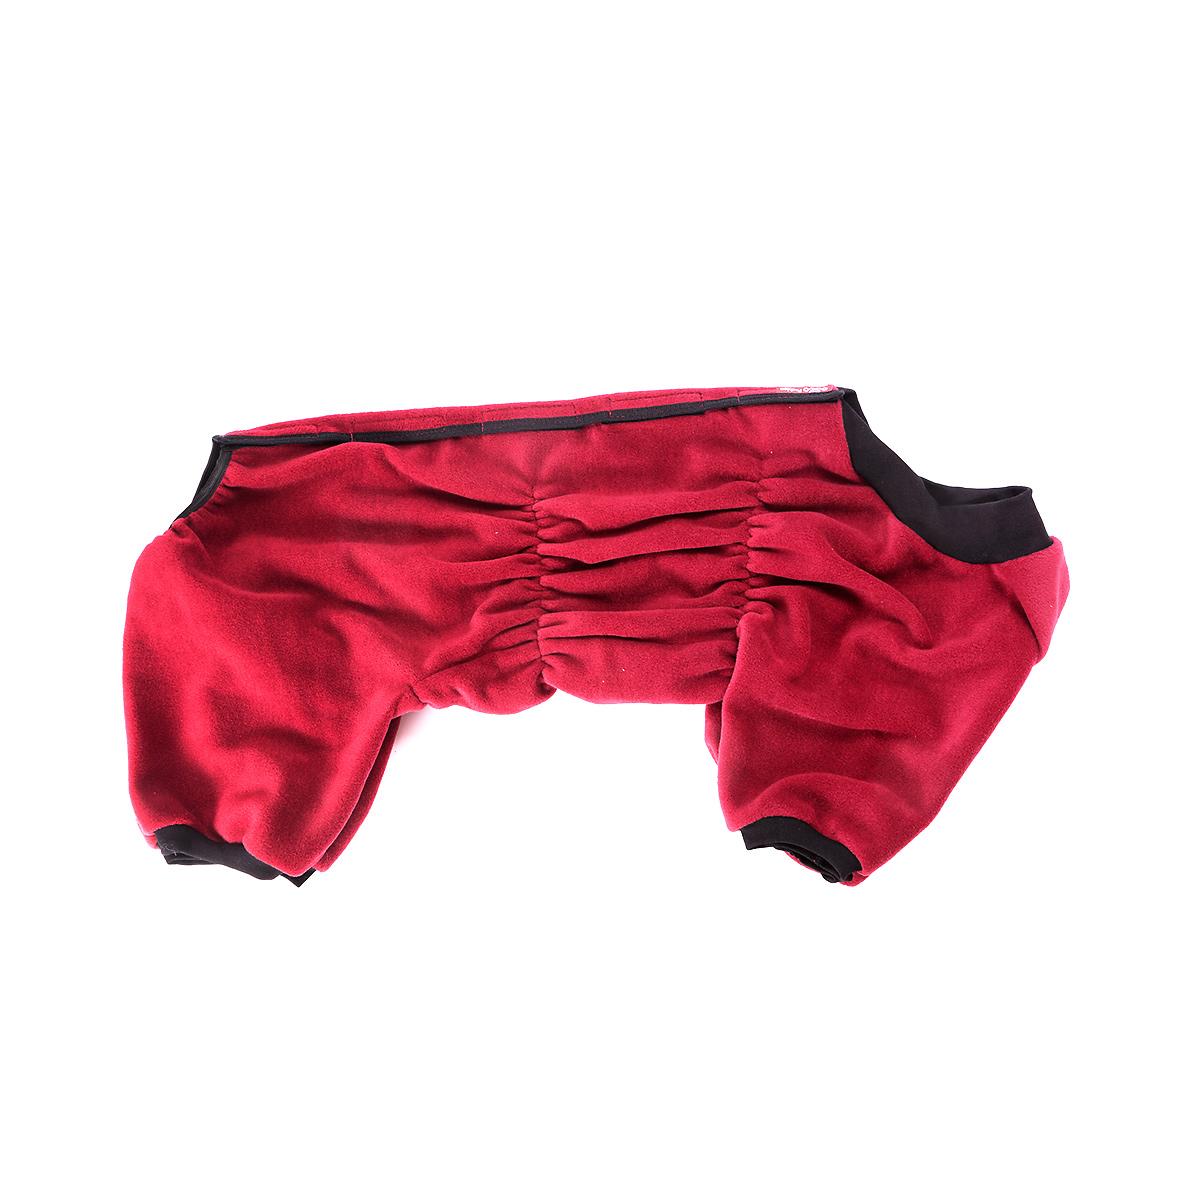 Комбинезон для собак OSSO Fashion, для девочки, цвет: бордовый. Размер 28Кф-1003Комбинезон для собак OSSO Fashion выполнен из флиса. Комфортная посадка по корпусу достигается за счет резинок-утяжек под грудью и животом. На воротнике имеются завязки, для дополнительной фиксации. Можно носить самостоятельно и как поддевку под комбинезон для собак. Изделие отлично стирается, быстро сохнет.Длина спинки: 28 см. Объем груди: 32-42 см.Одежда для собак: нужна ли она и как её выбрать. Статья OZON Гид